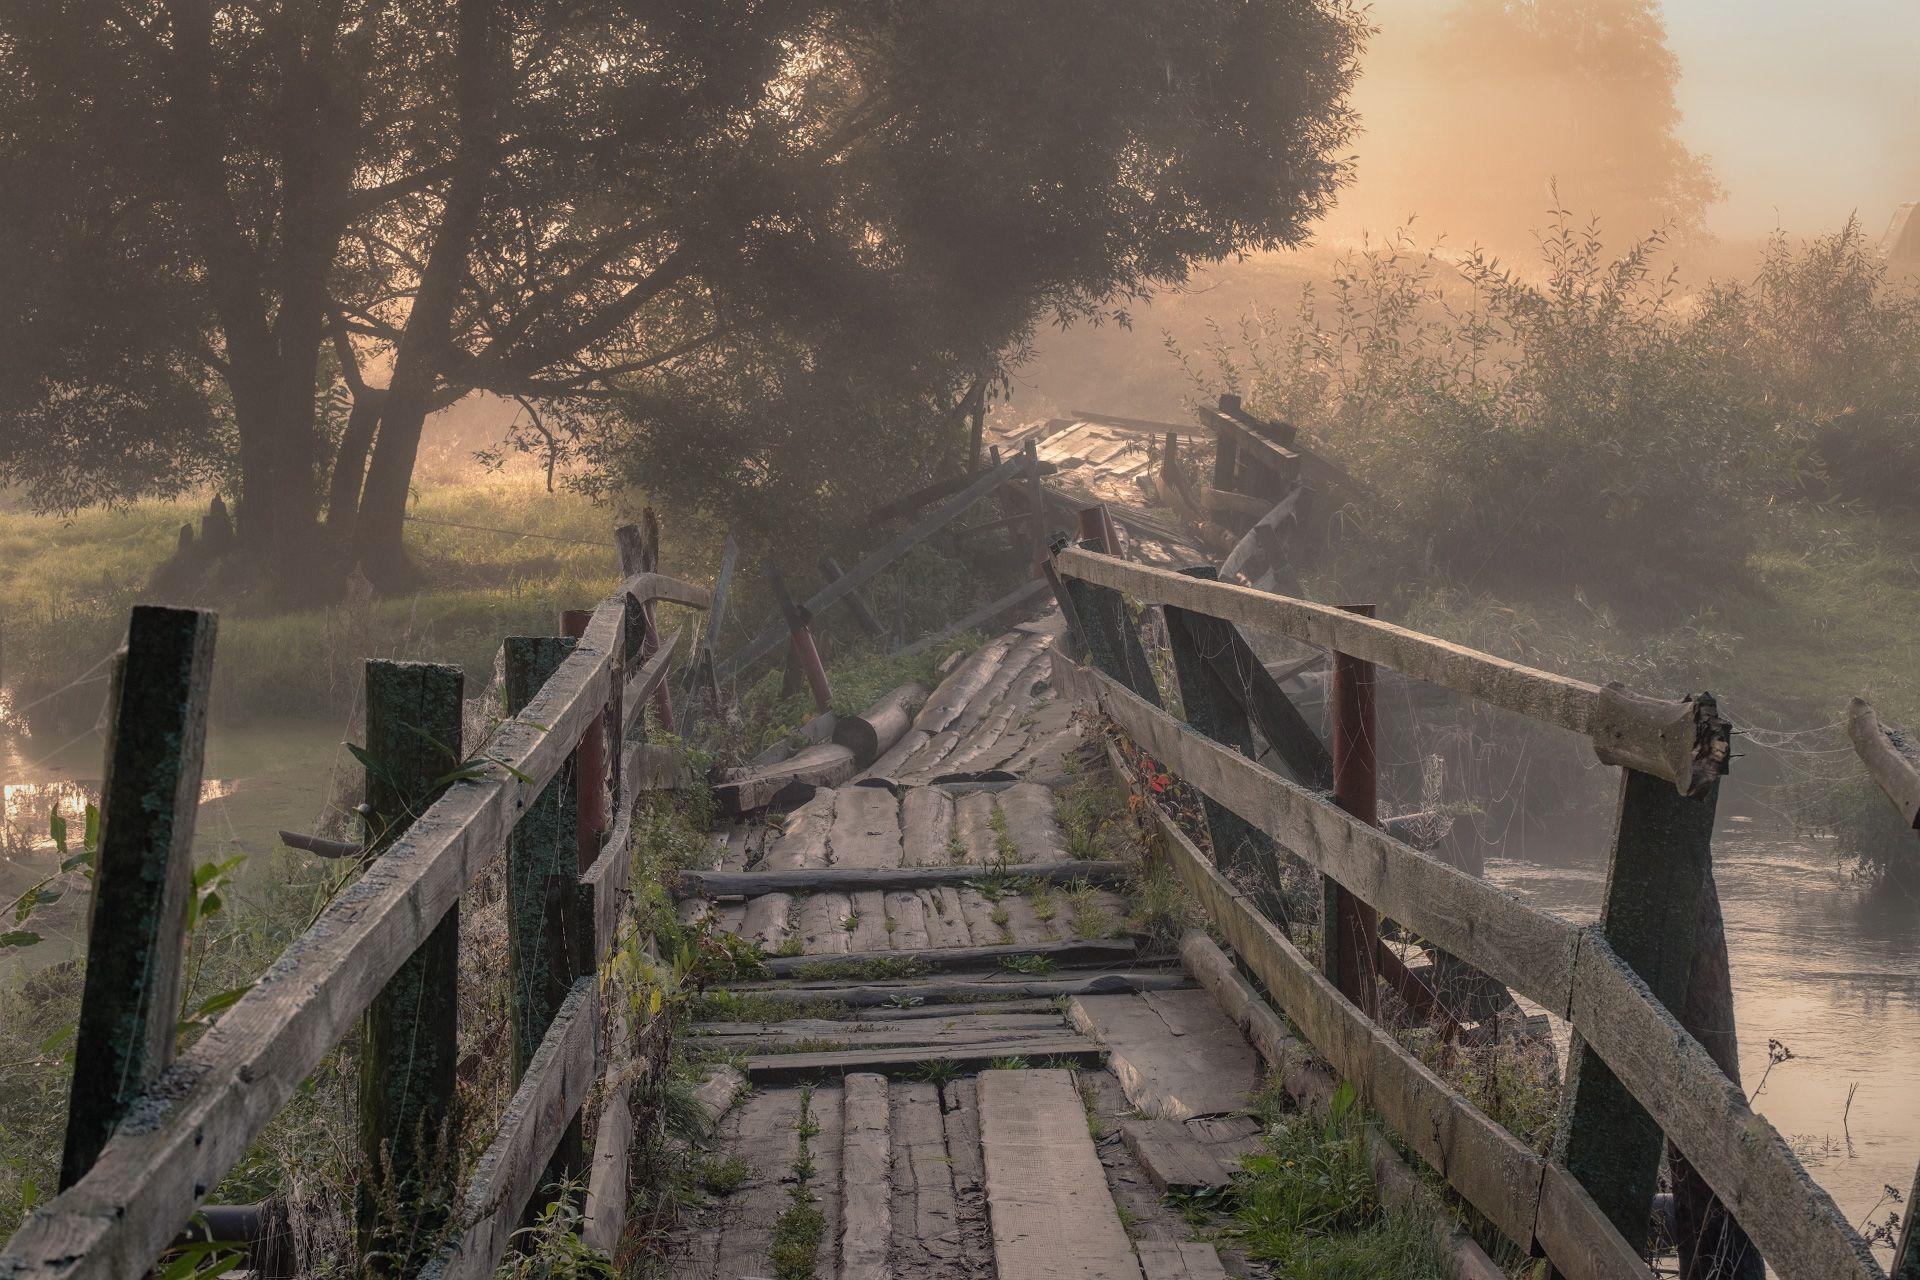 мост, разруха, утро, рассвет, река, шерна, туман, природа, пейзаж, филипповское, Чиж Андрей